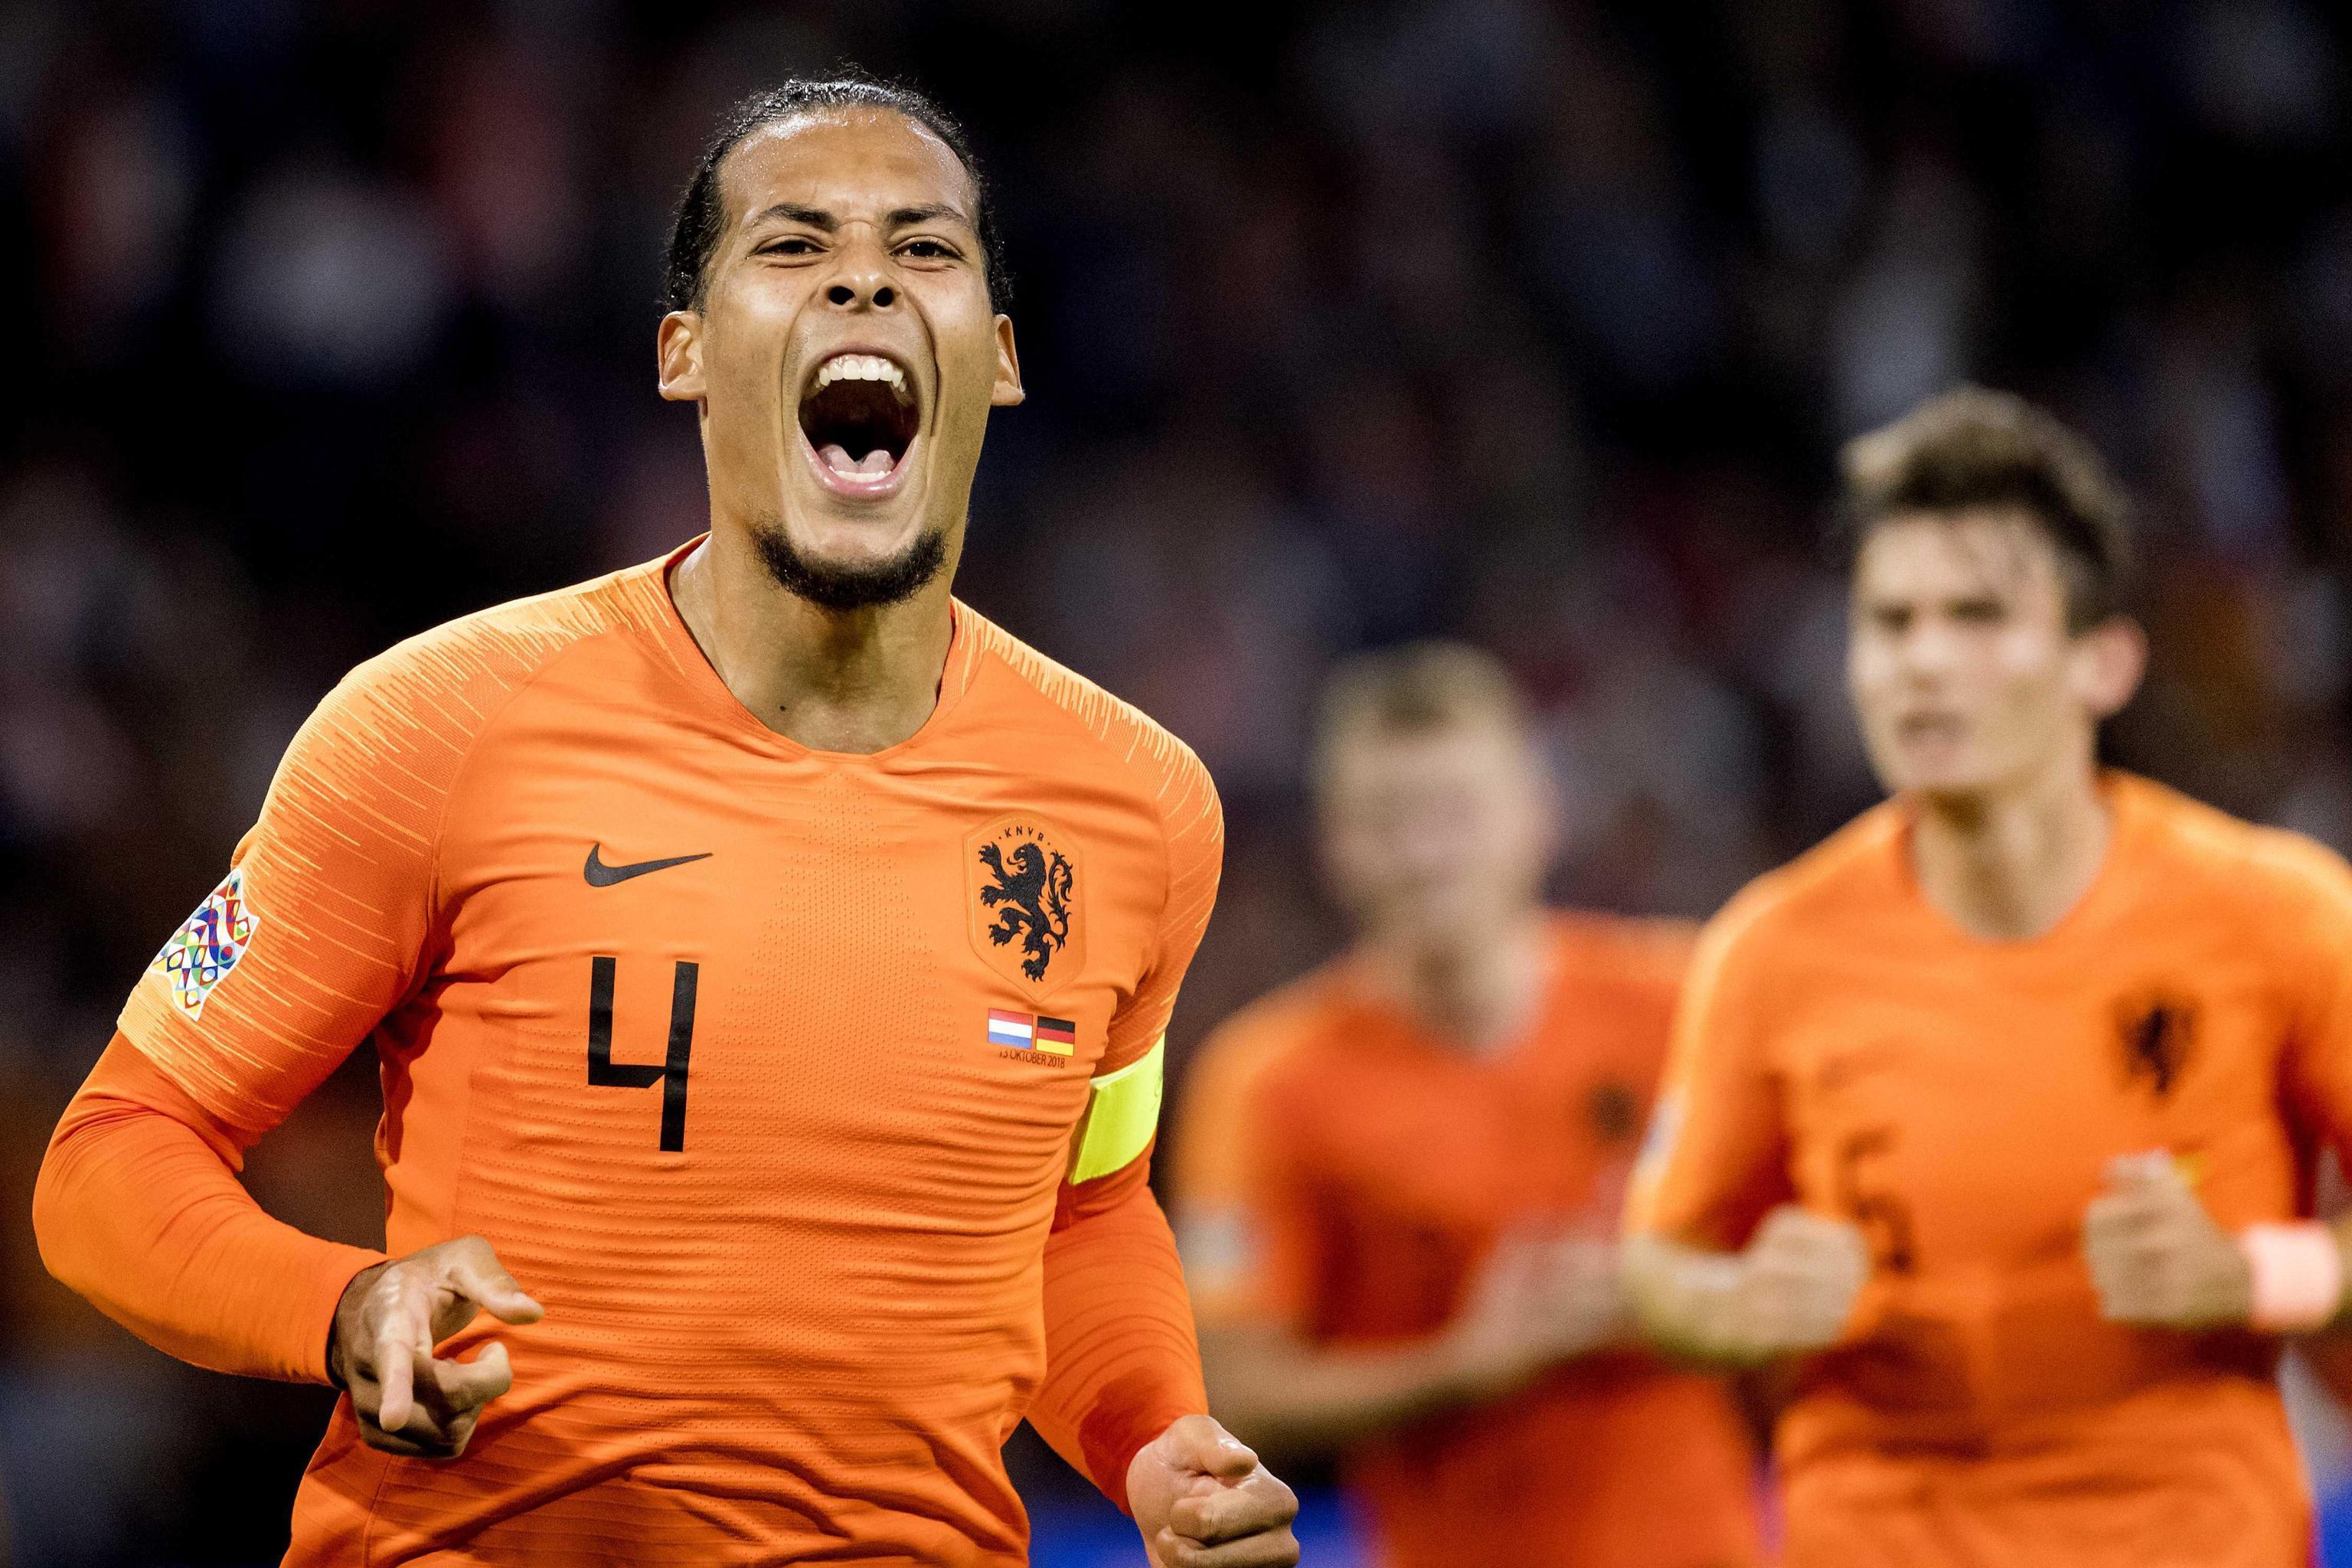 L' Olanda  torna a splendere battendo 3-0 la  Germania  nella terza giornata di Nations League ed amplificando la crisi dei tedeschi. Alla Johan Cruyff Arena di Amsterdam gli Oranje hanno trovato un gol per tempo passando in vantaggio con  Van Dijk  al 30' dopo la traversa di Babel. Nel finale il contropiede lanciato da Promes e chiuso da  Depay  ha definito il 2-0 prima del tris di Wijnaldum. Per la Germania di Loew il rischio retrocessione è concreto.